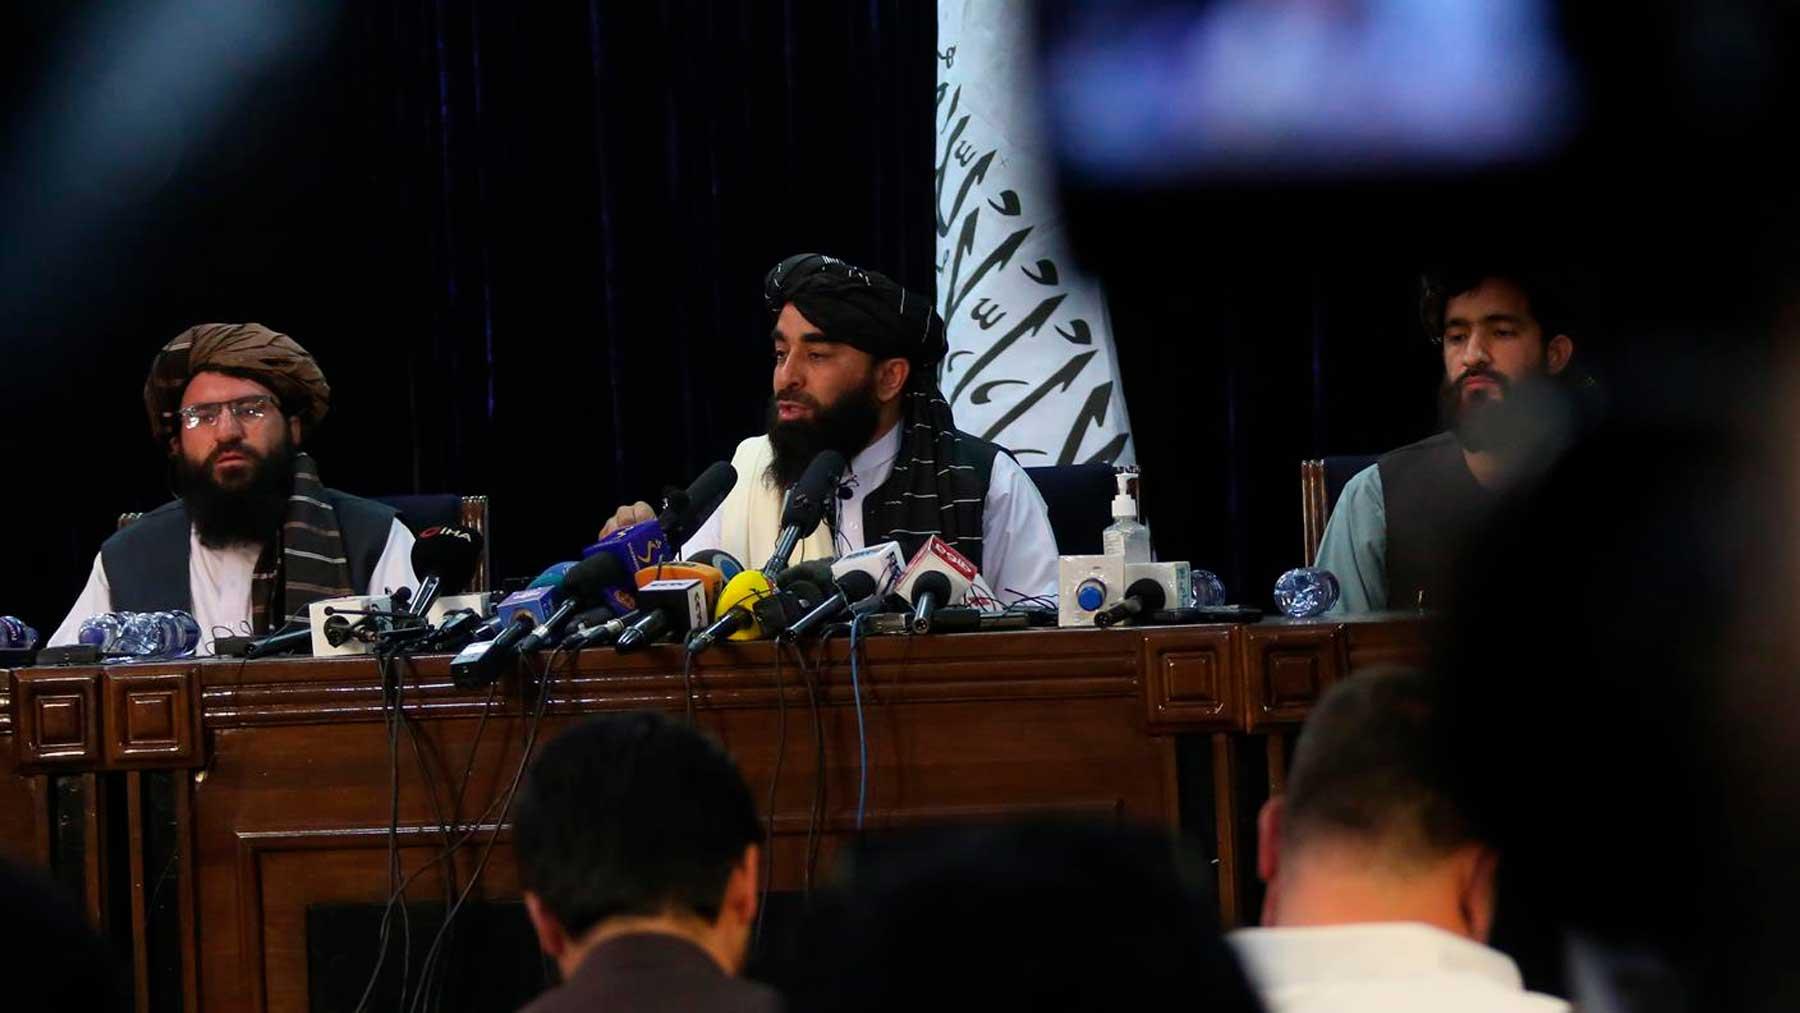 Rueda de prensa de los talibanes tras tomar el poder de Afganistán. Foto: EP